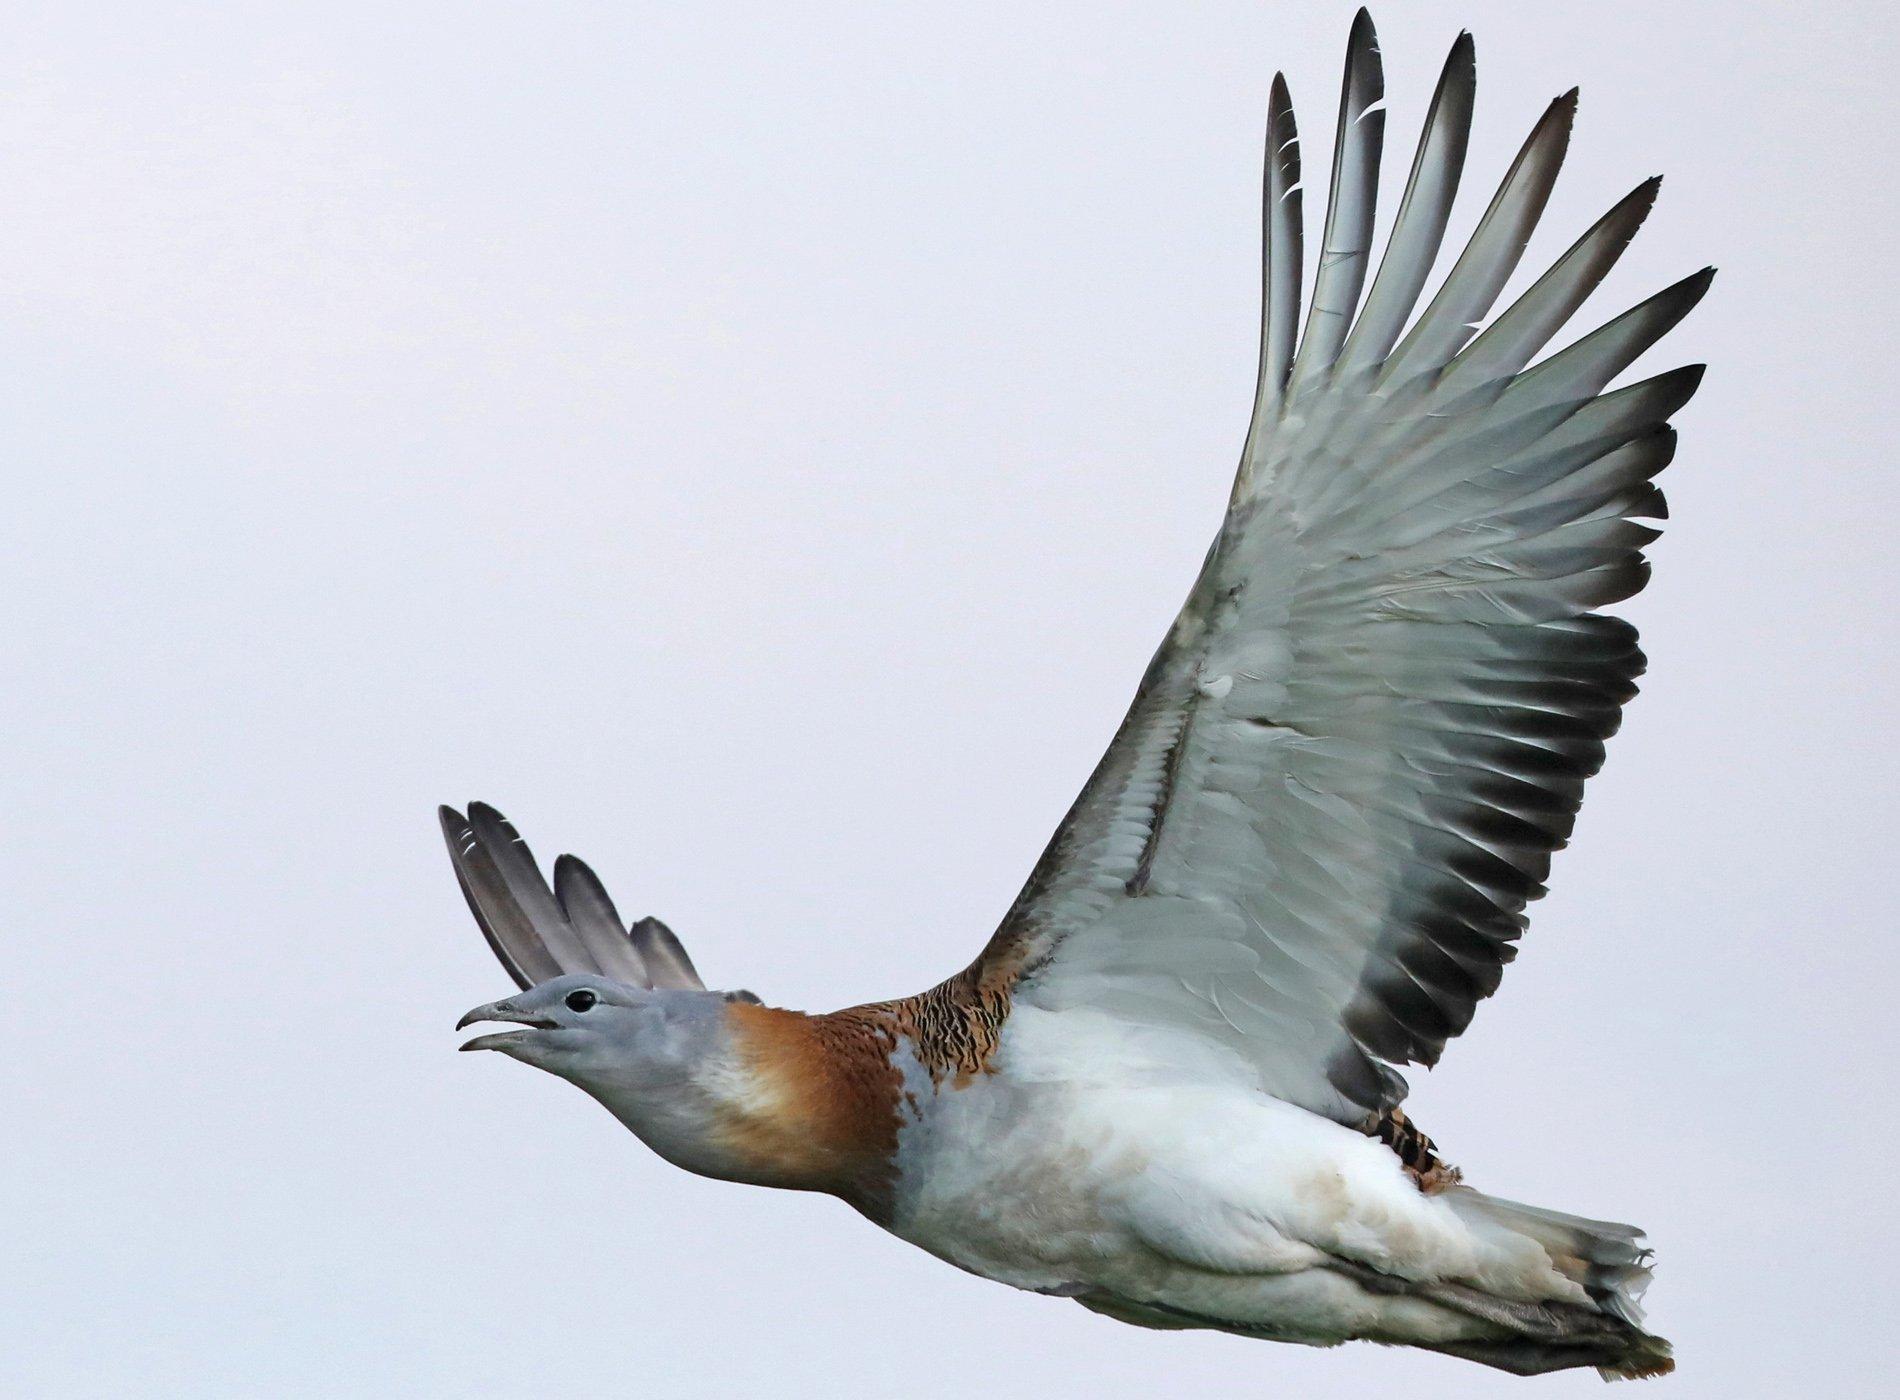 Eine sehr schwere männliche Großtrappe fliegt träge von rechts nach links